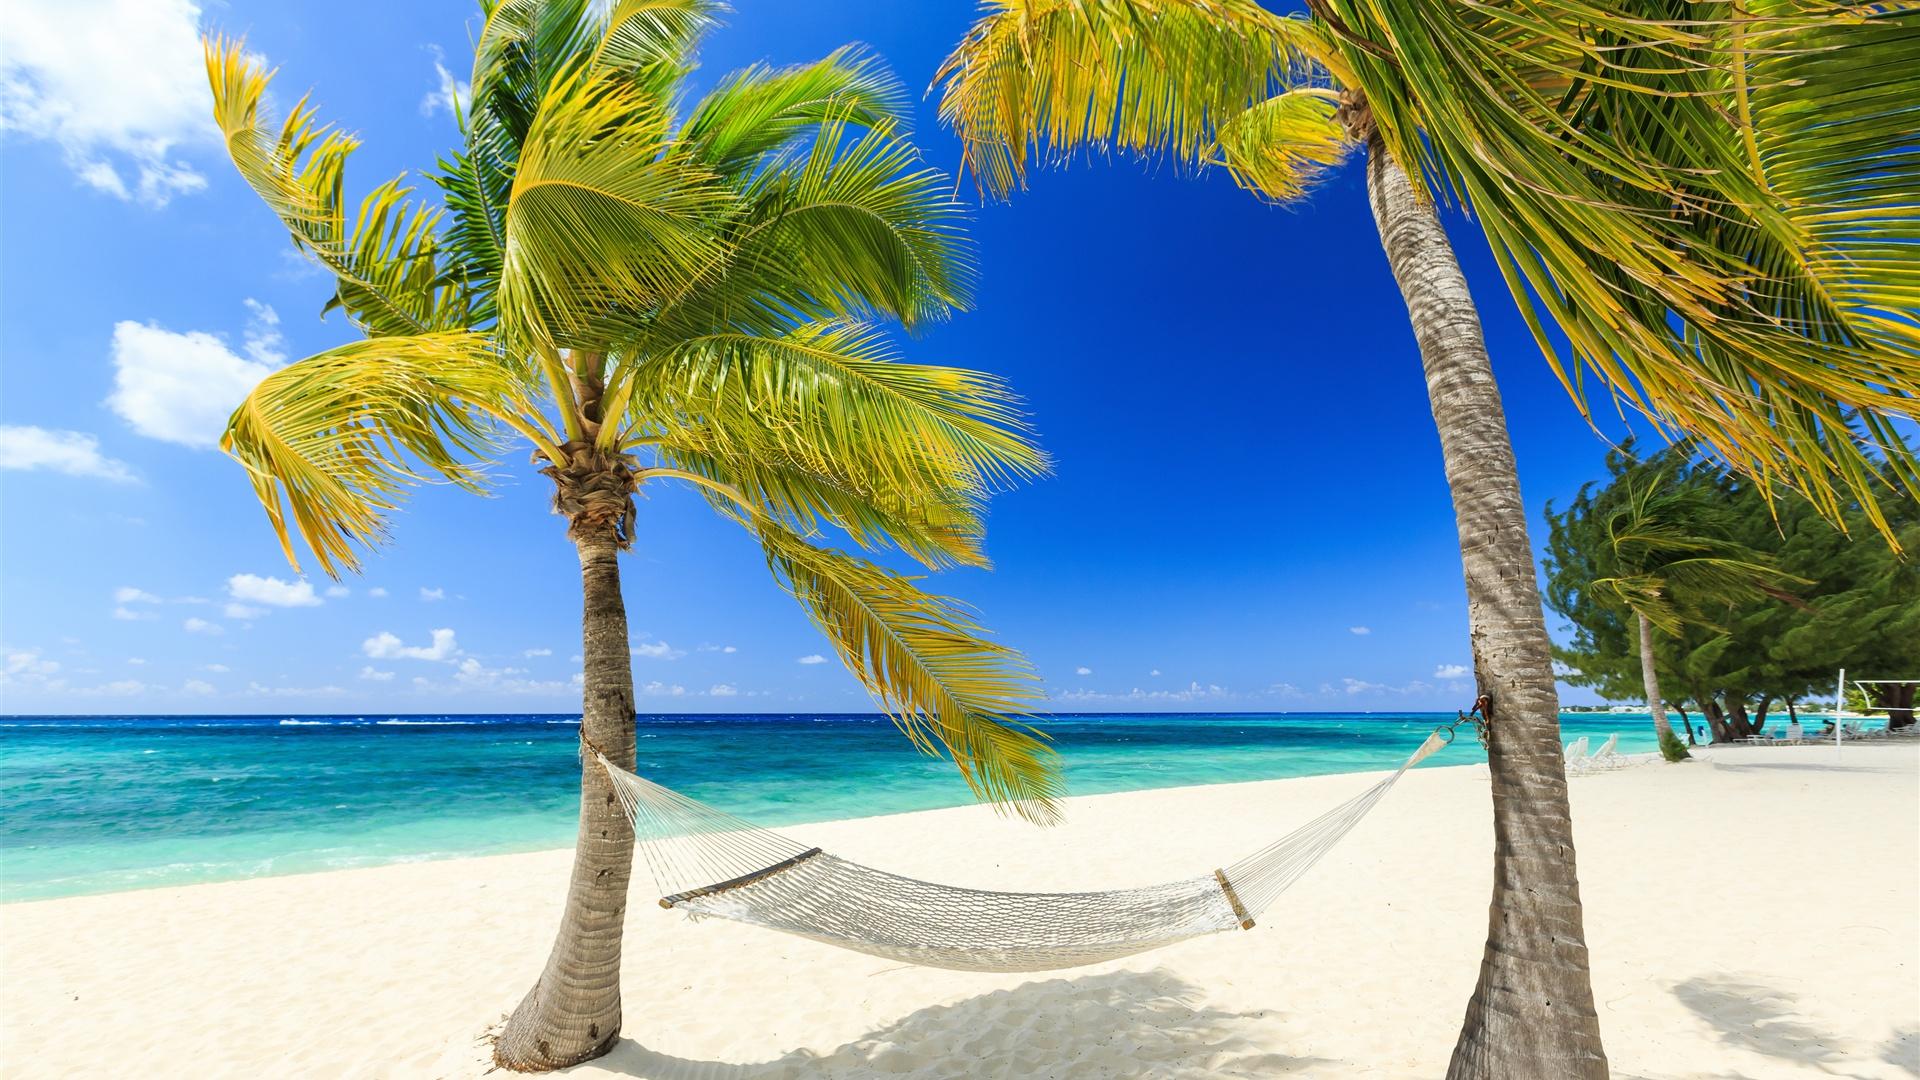 Tropical Paradise Beach 4k Hd Desktop Wallpaper For 4k: 壁紙 トロピカル、パラダイス、海、ビーチ、ヤシの木、ハンモック、夏 3840x2160 UHD 4K 無料の